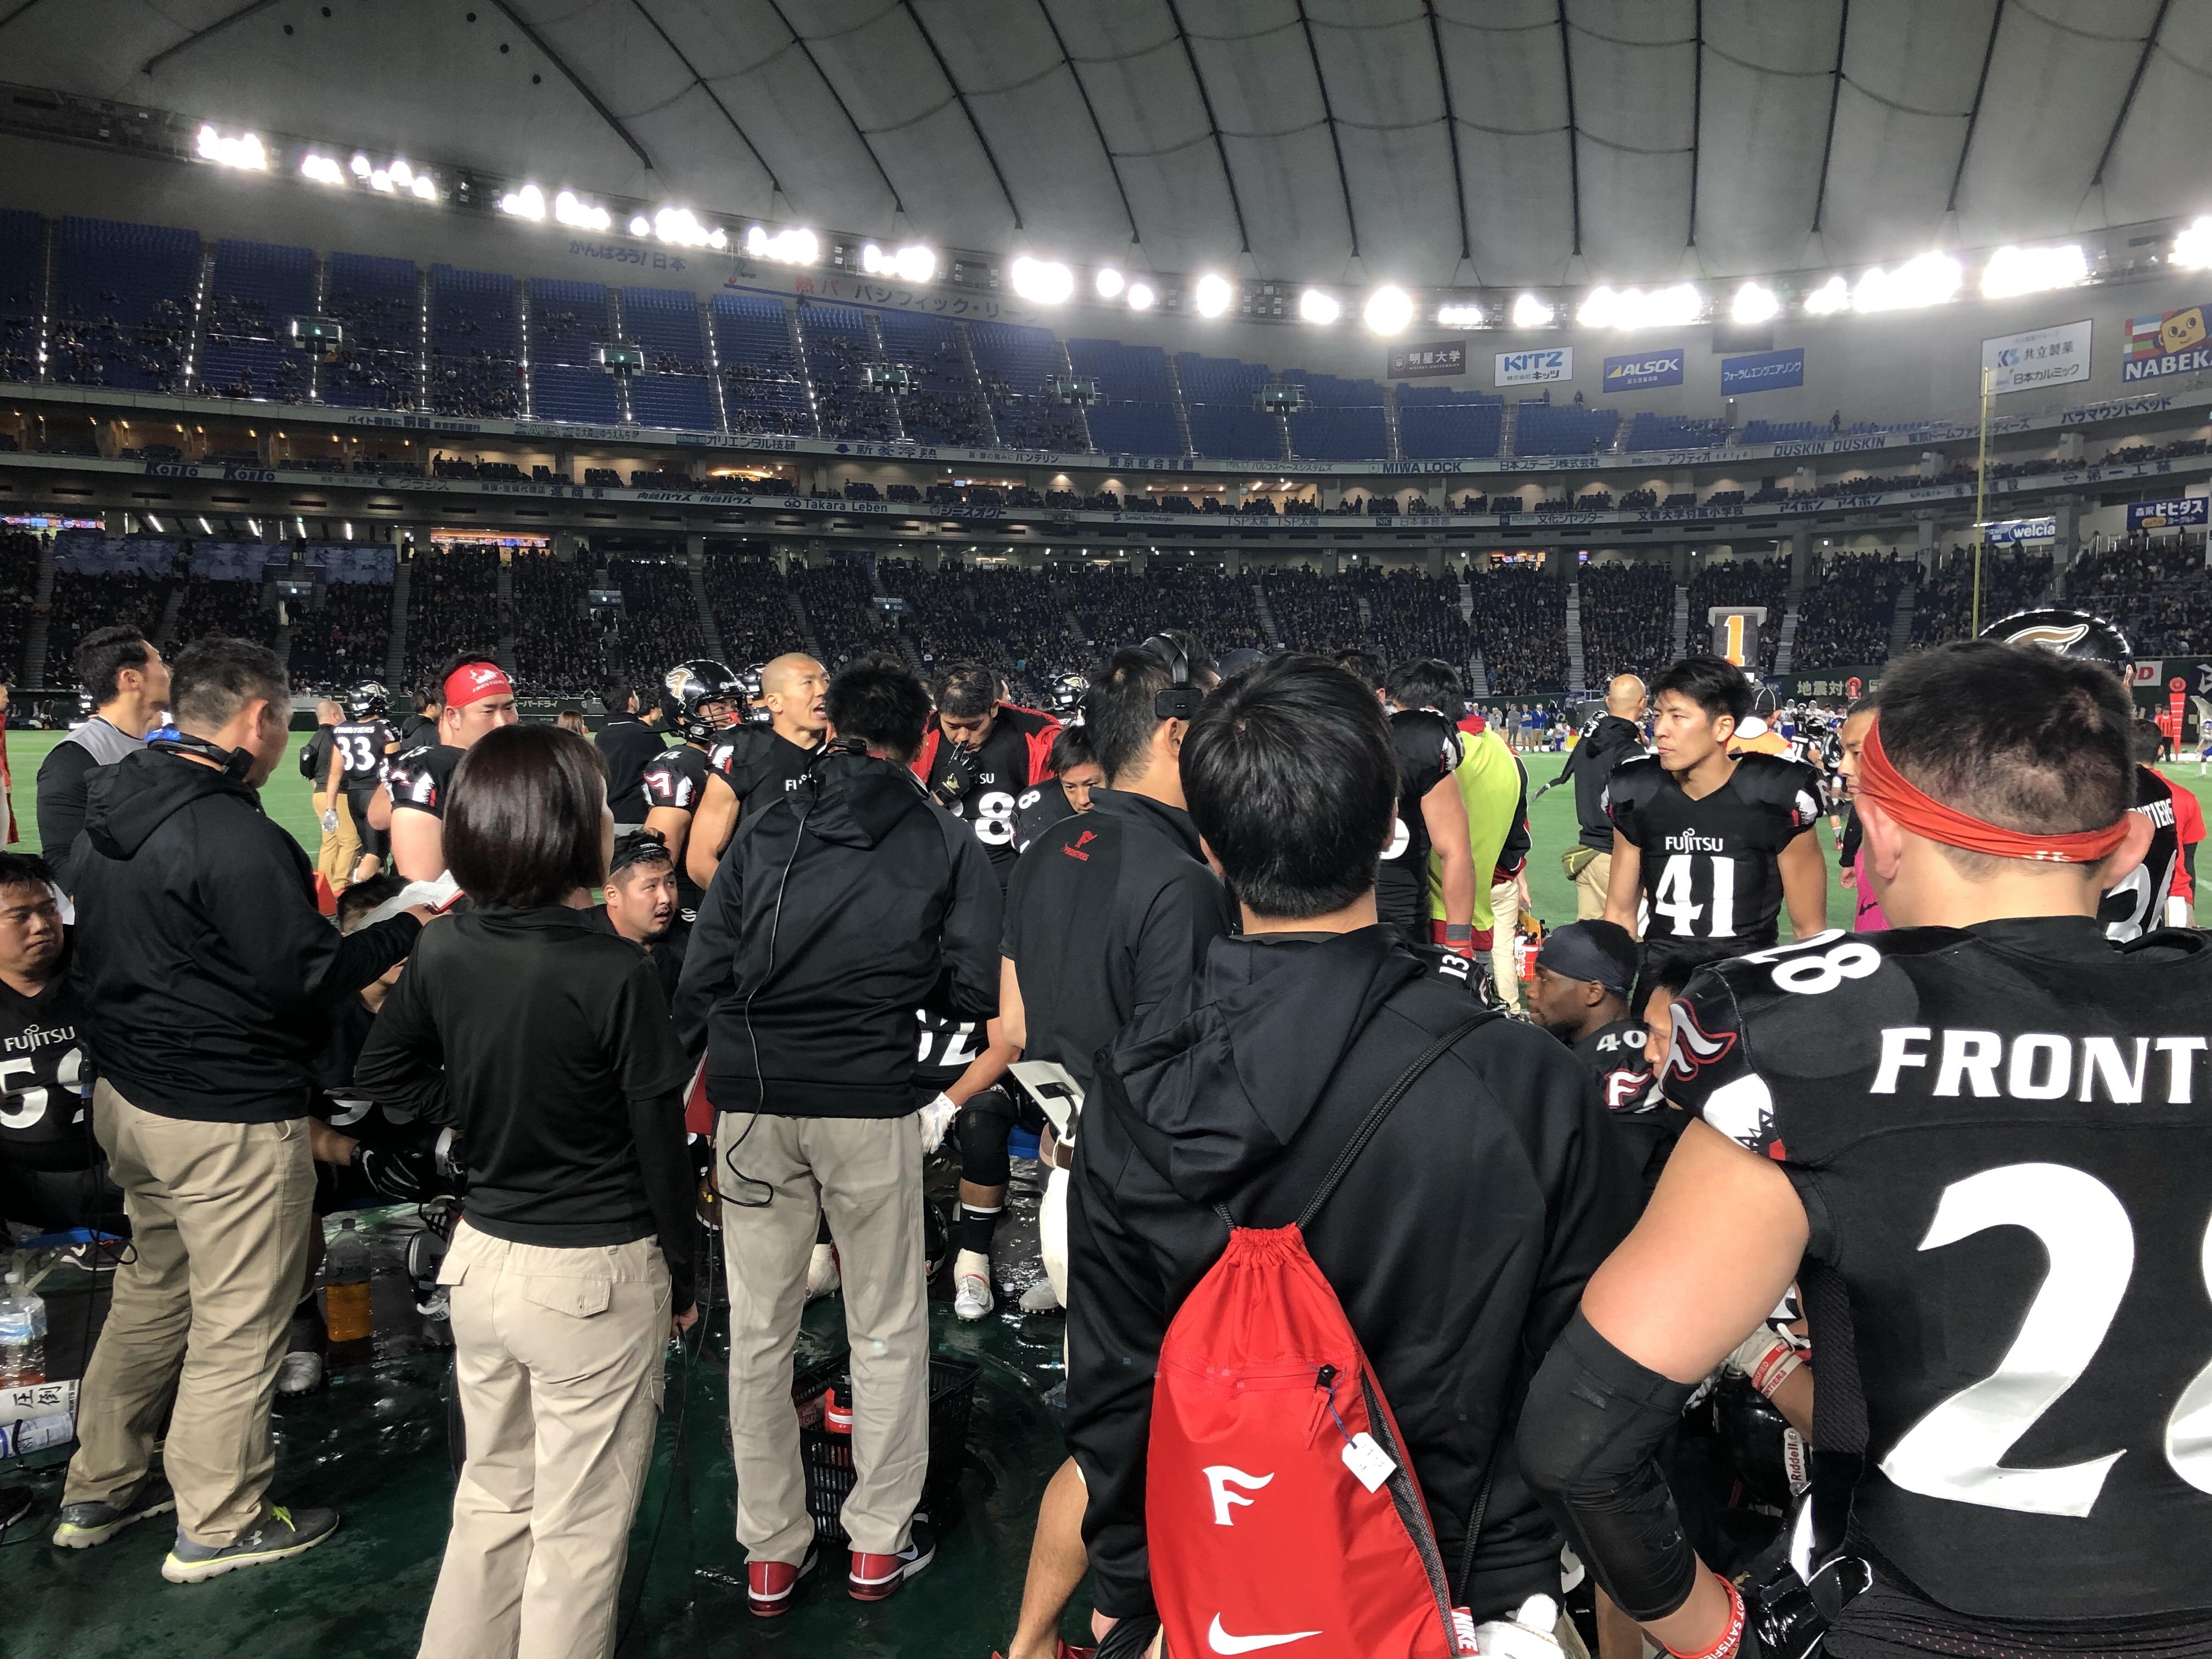 小西綾子のハドルブレイクカテゴリー別アーカイブ: Xリーグ試合終了まで1分2秒。